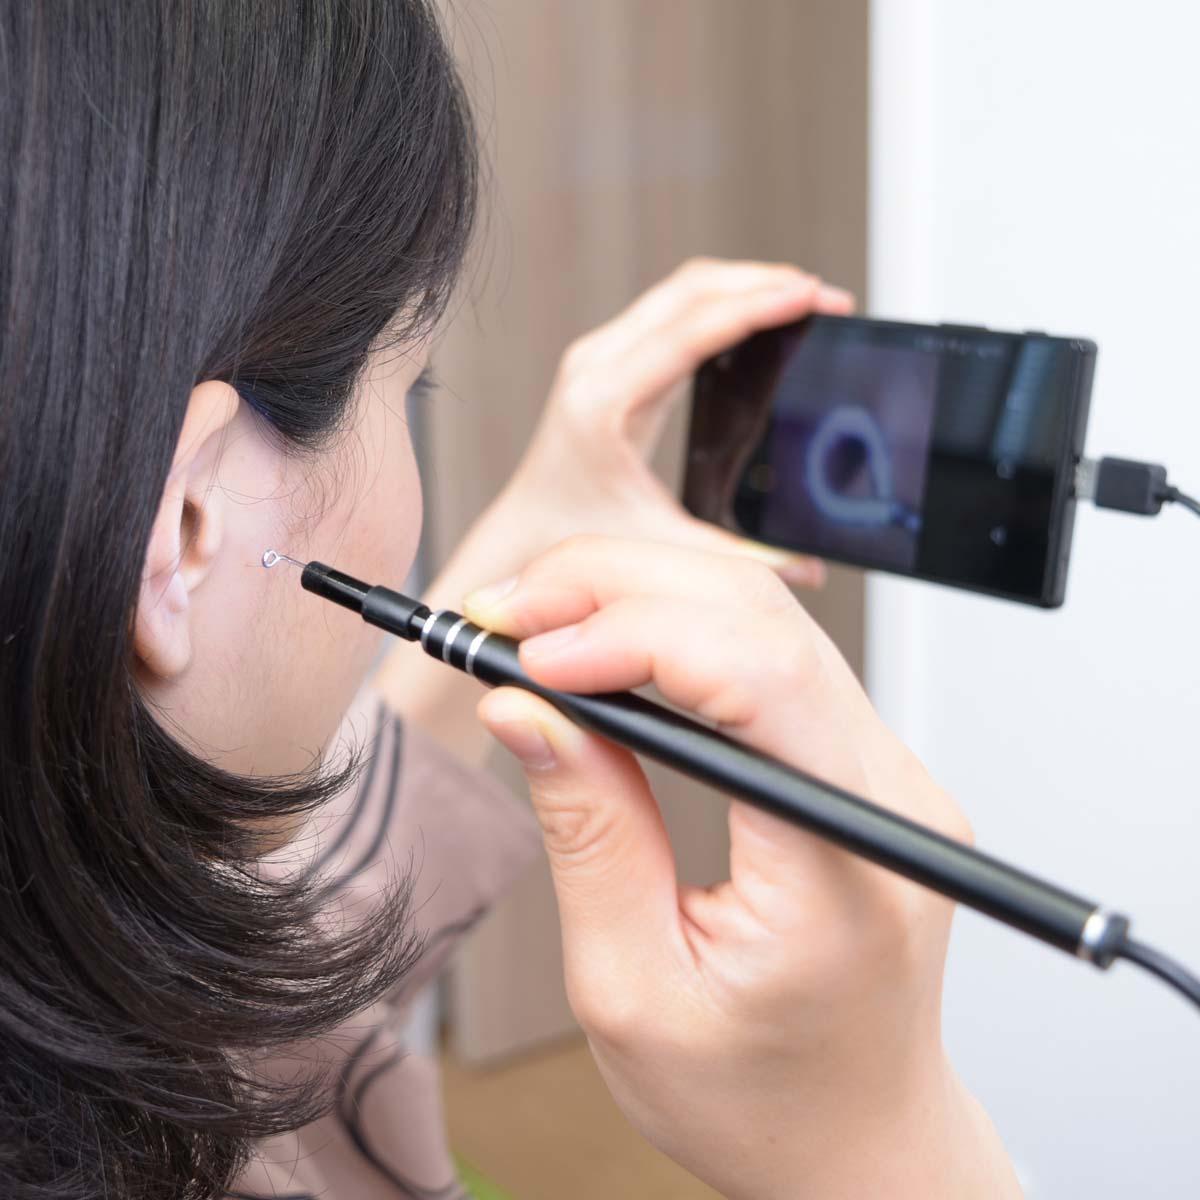 サンコー「カメラで見ながら耳掃除! 爽快USB耳スコープ」で耳かきが劇的に変わる